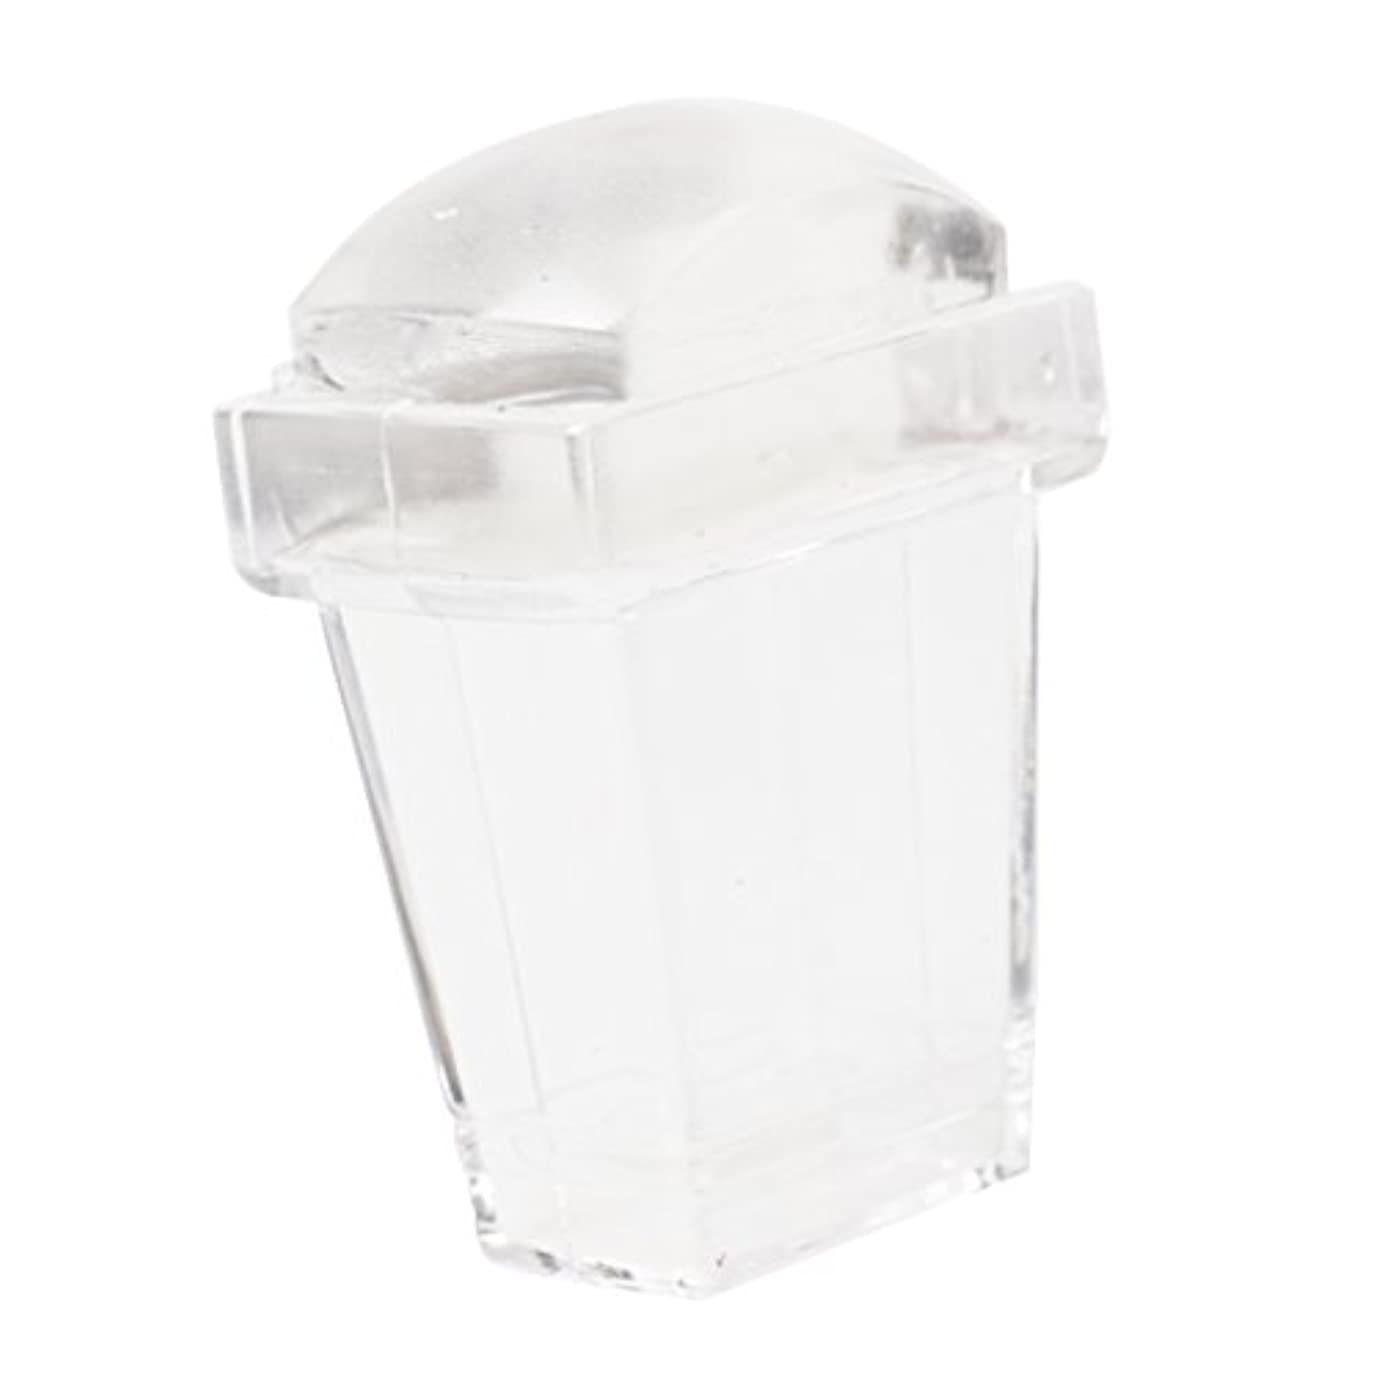 KOZEEY 正方形 ネイルアート スタンパー スクレイピング スクレーパー ツール 透明